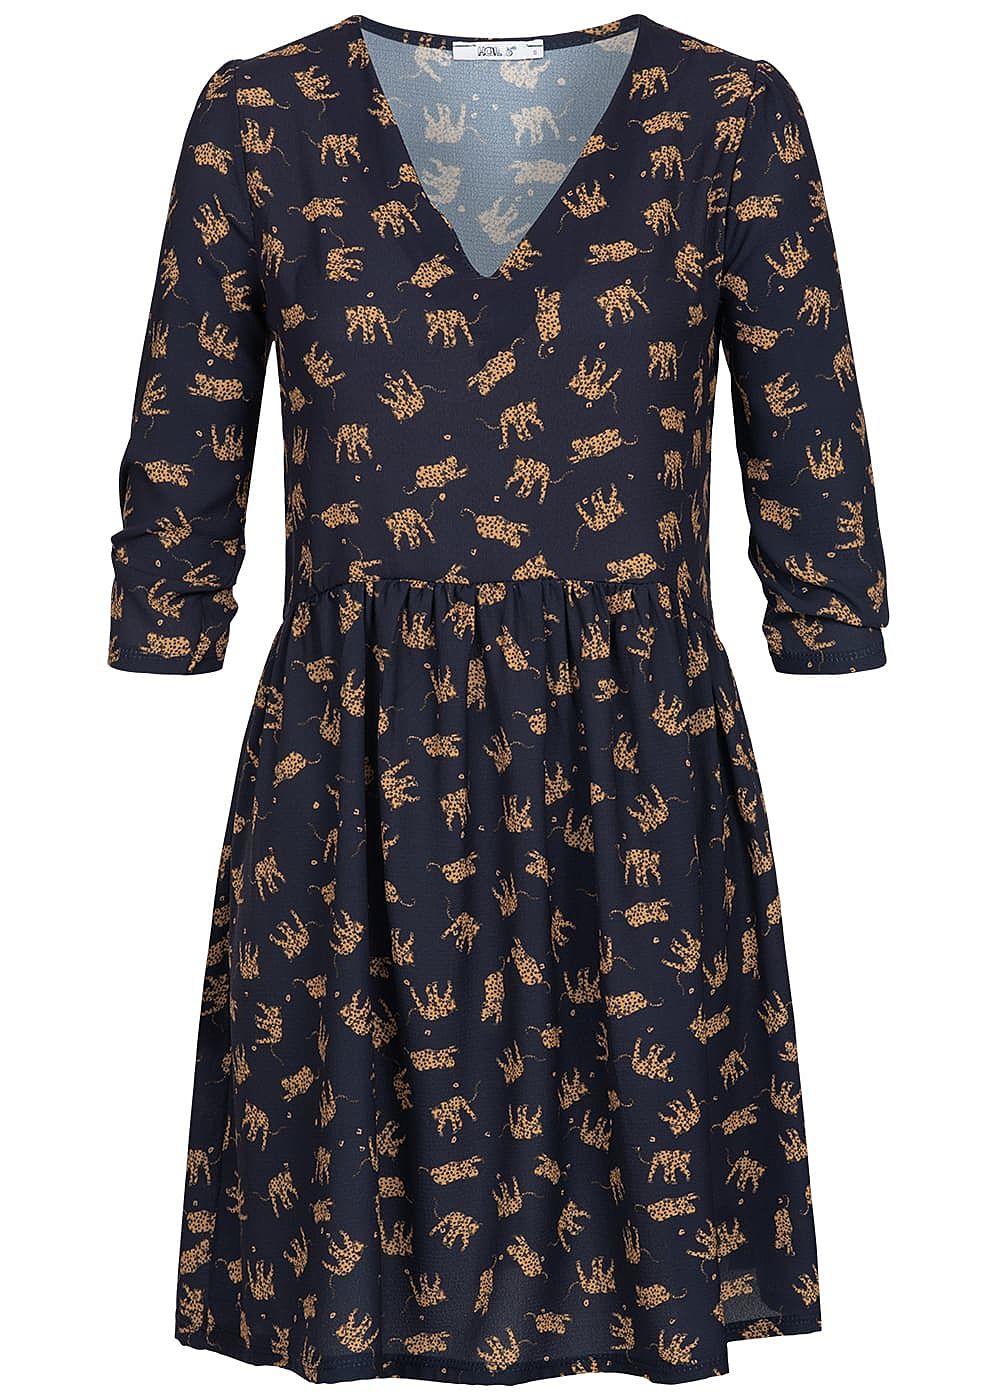 Hailys Damen 3/4 Arm Kleid Tiger Muster navy blau braun ...